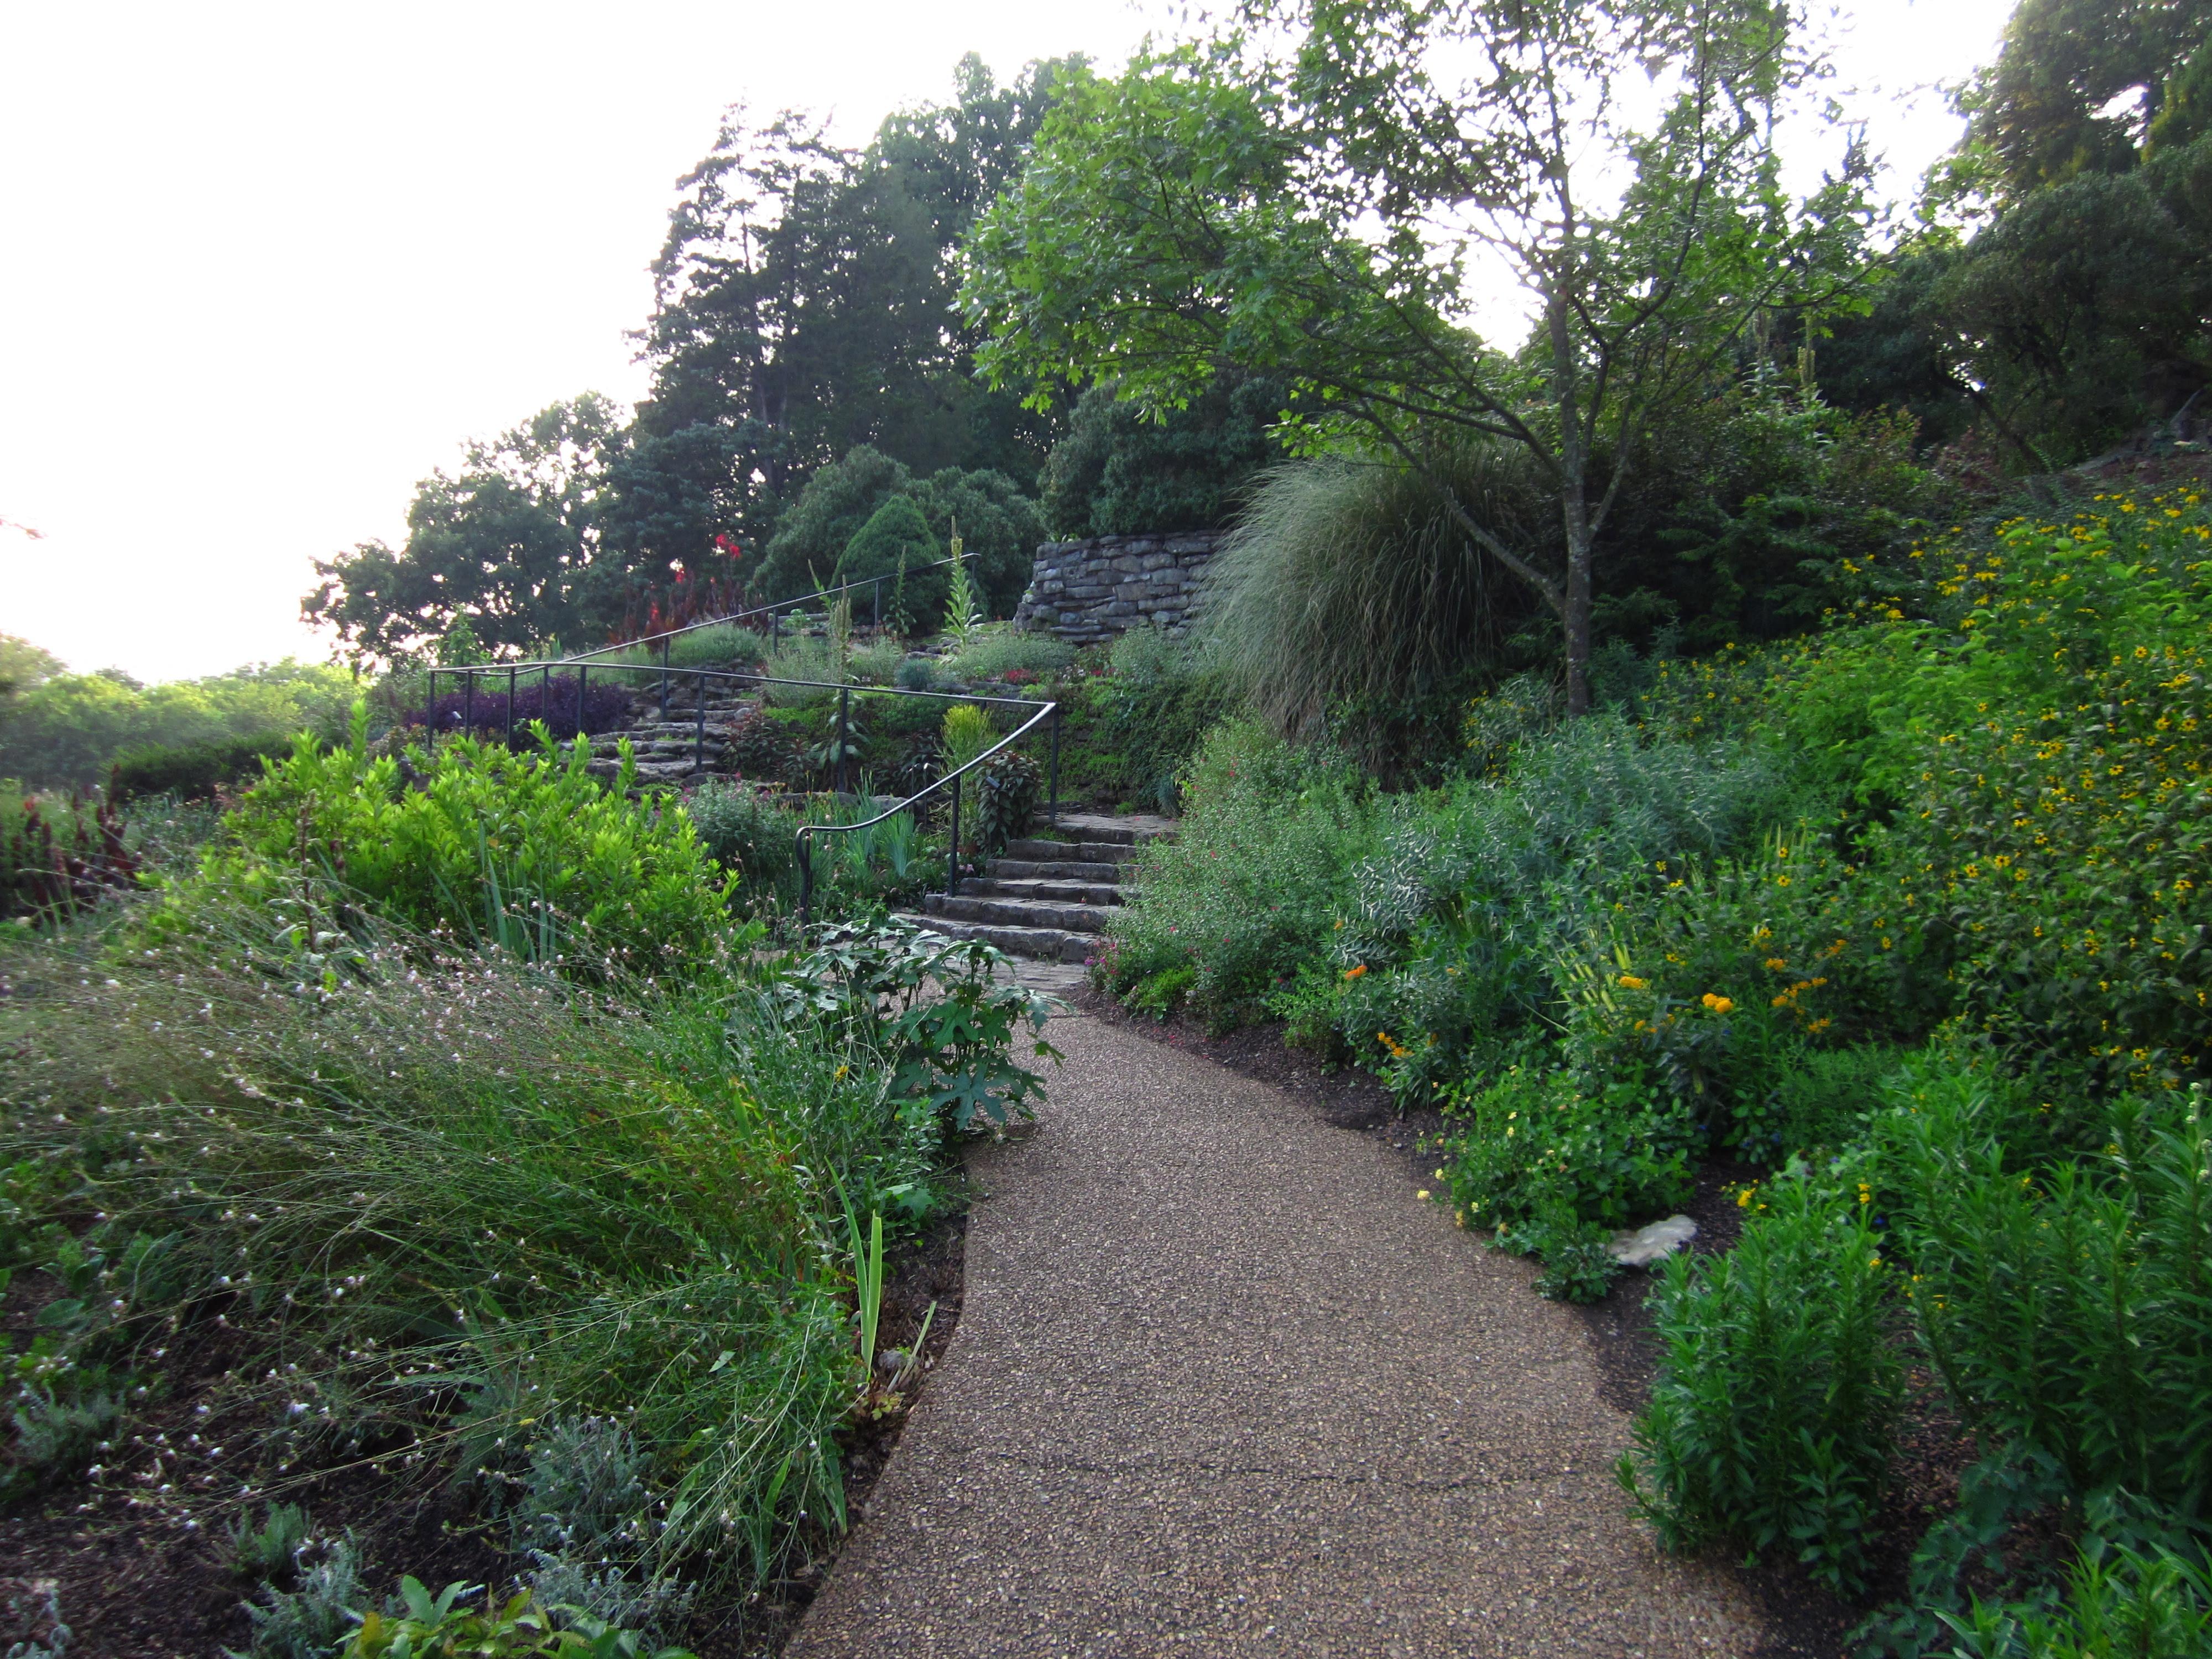 Amanda Plante S Garden Guide